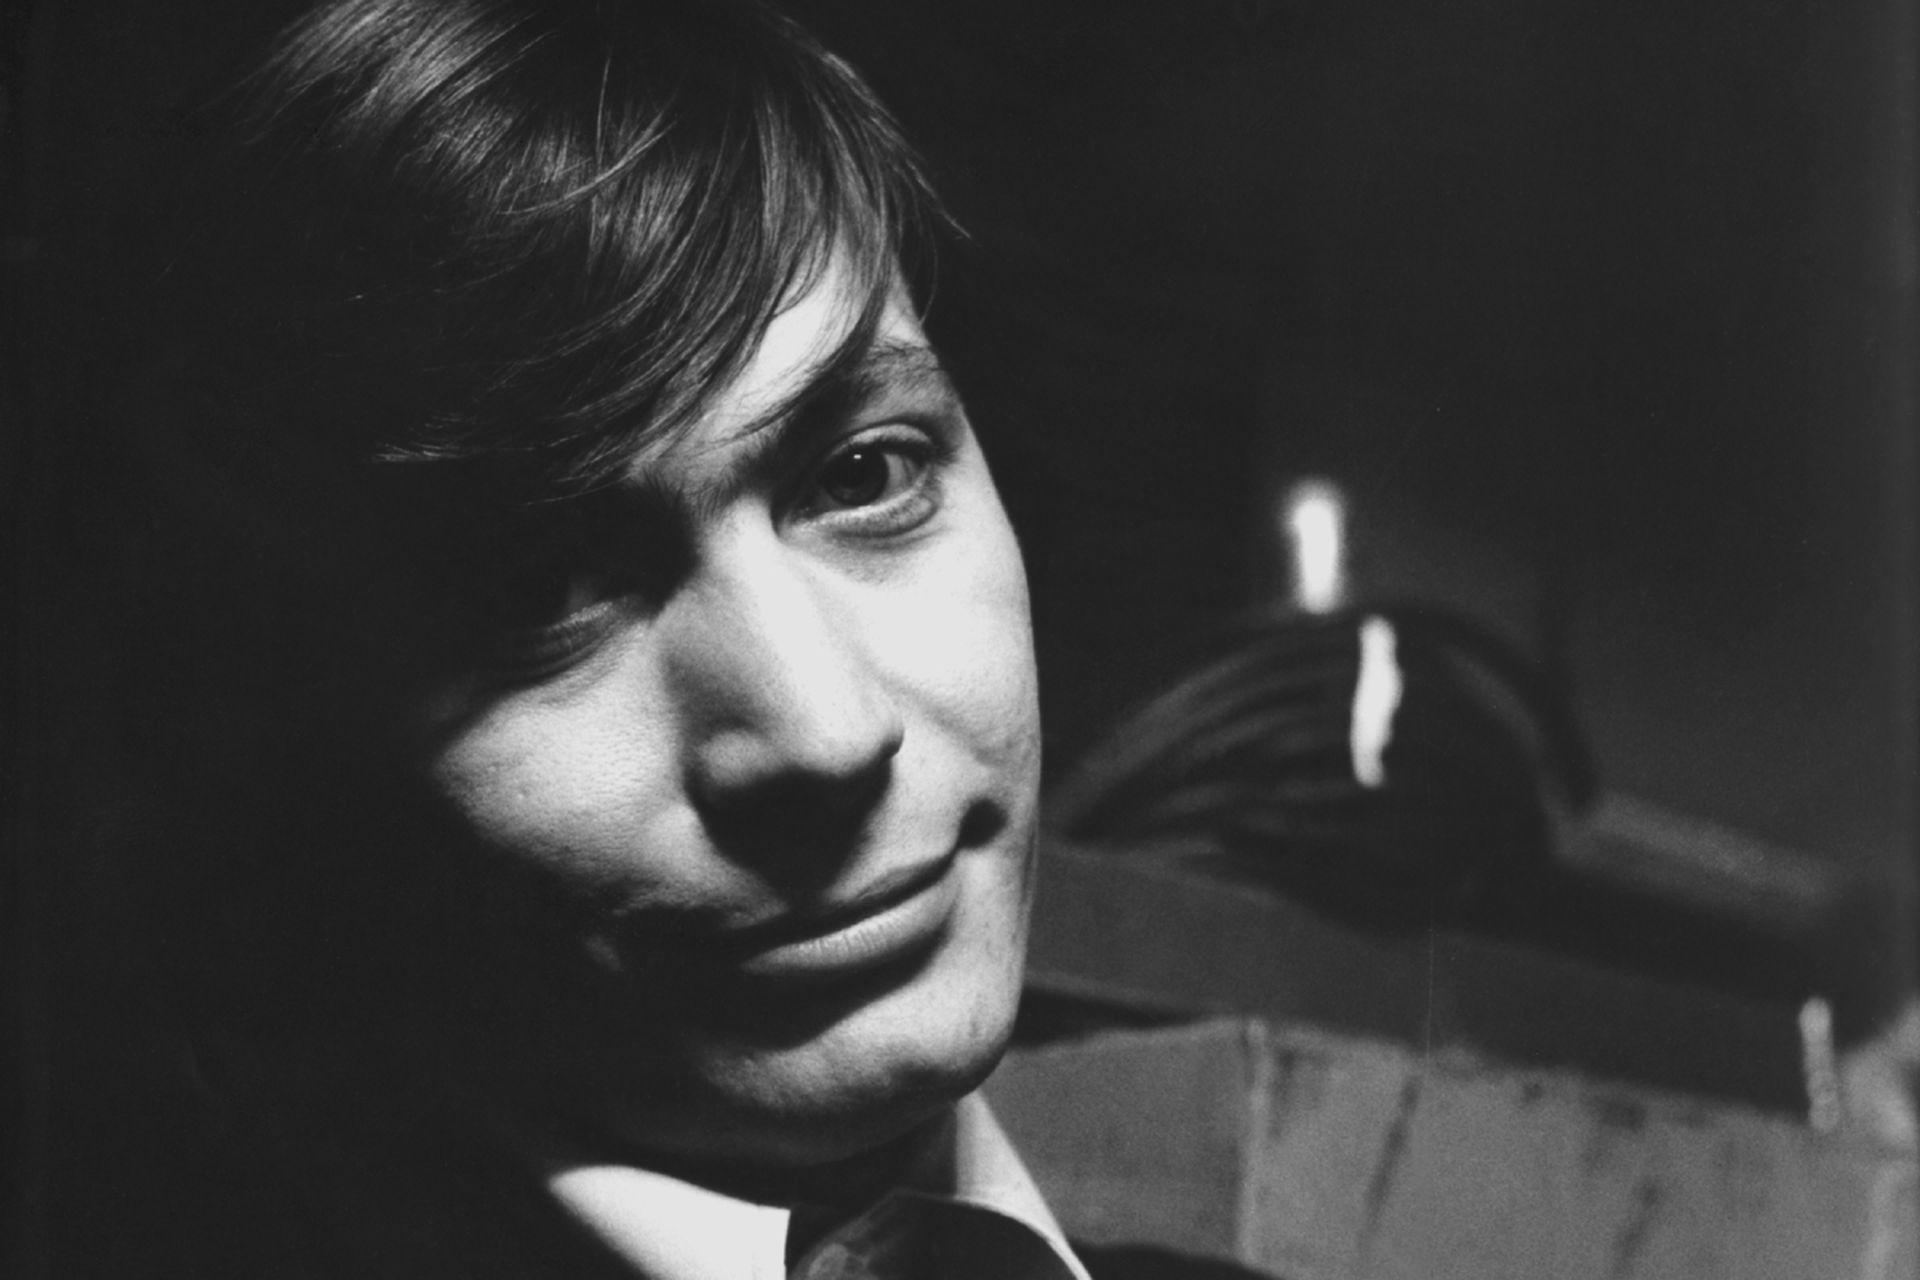 Un jovencísimo Charlie Watts, a mediados de los años 60